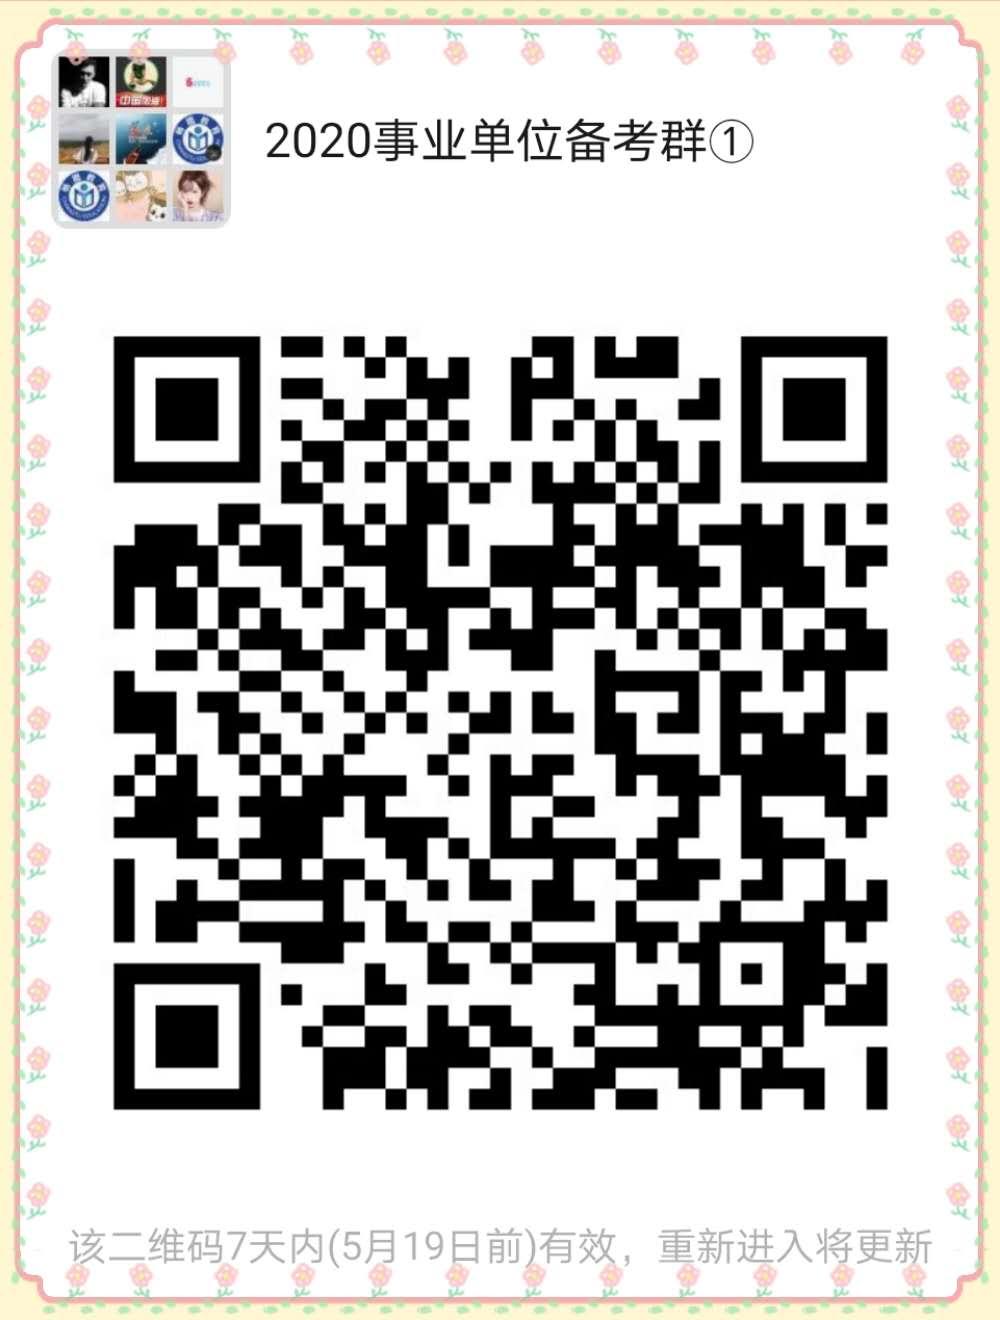 微信图片_20200512191412.jpg